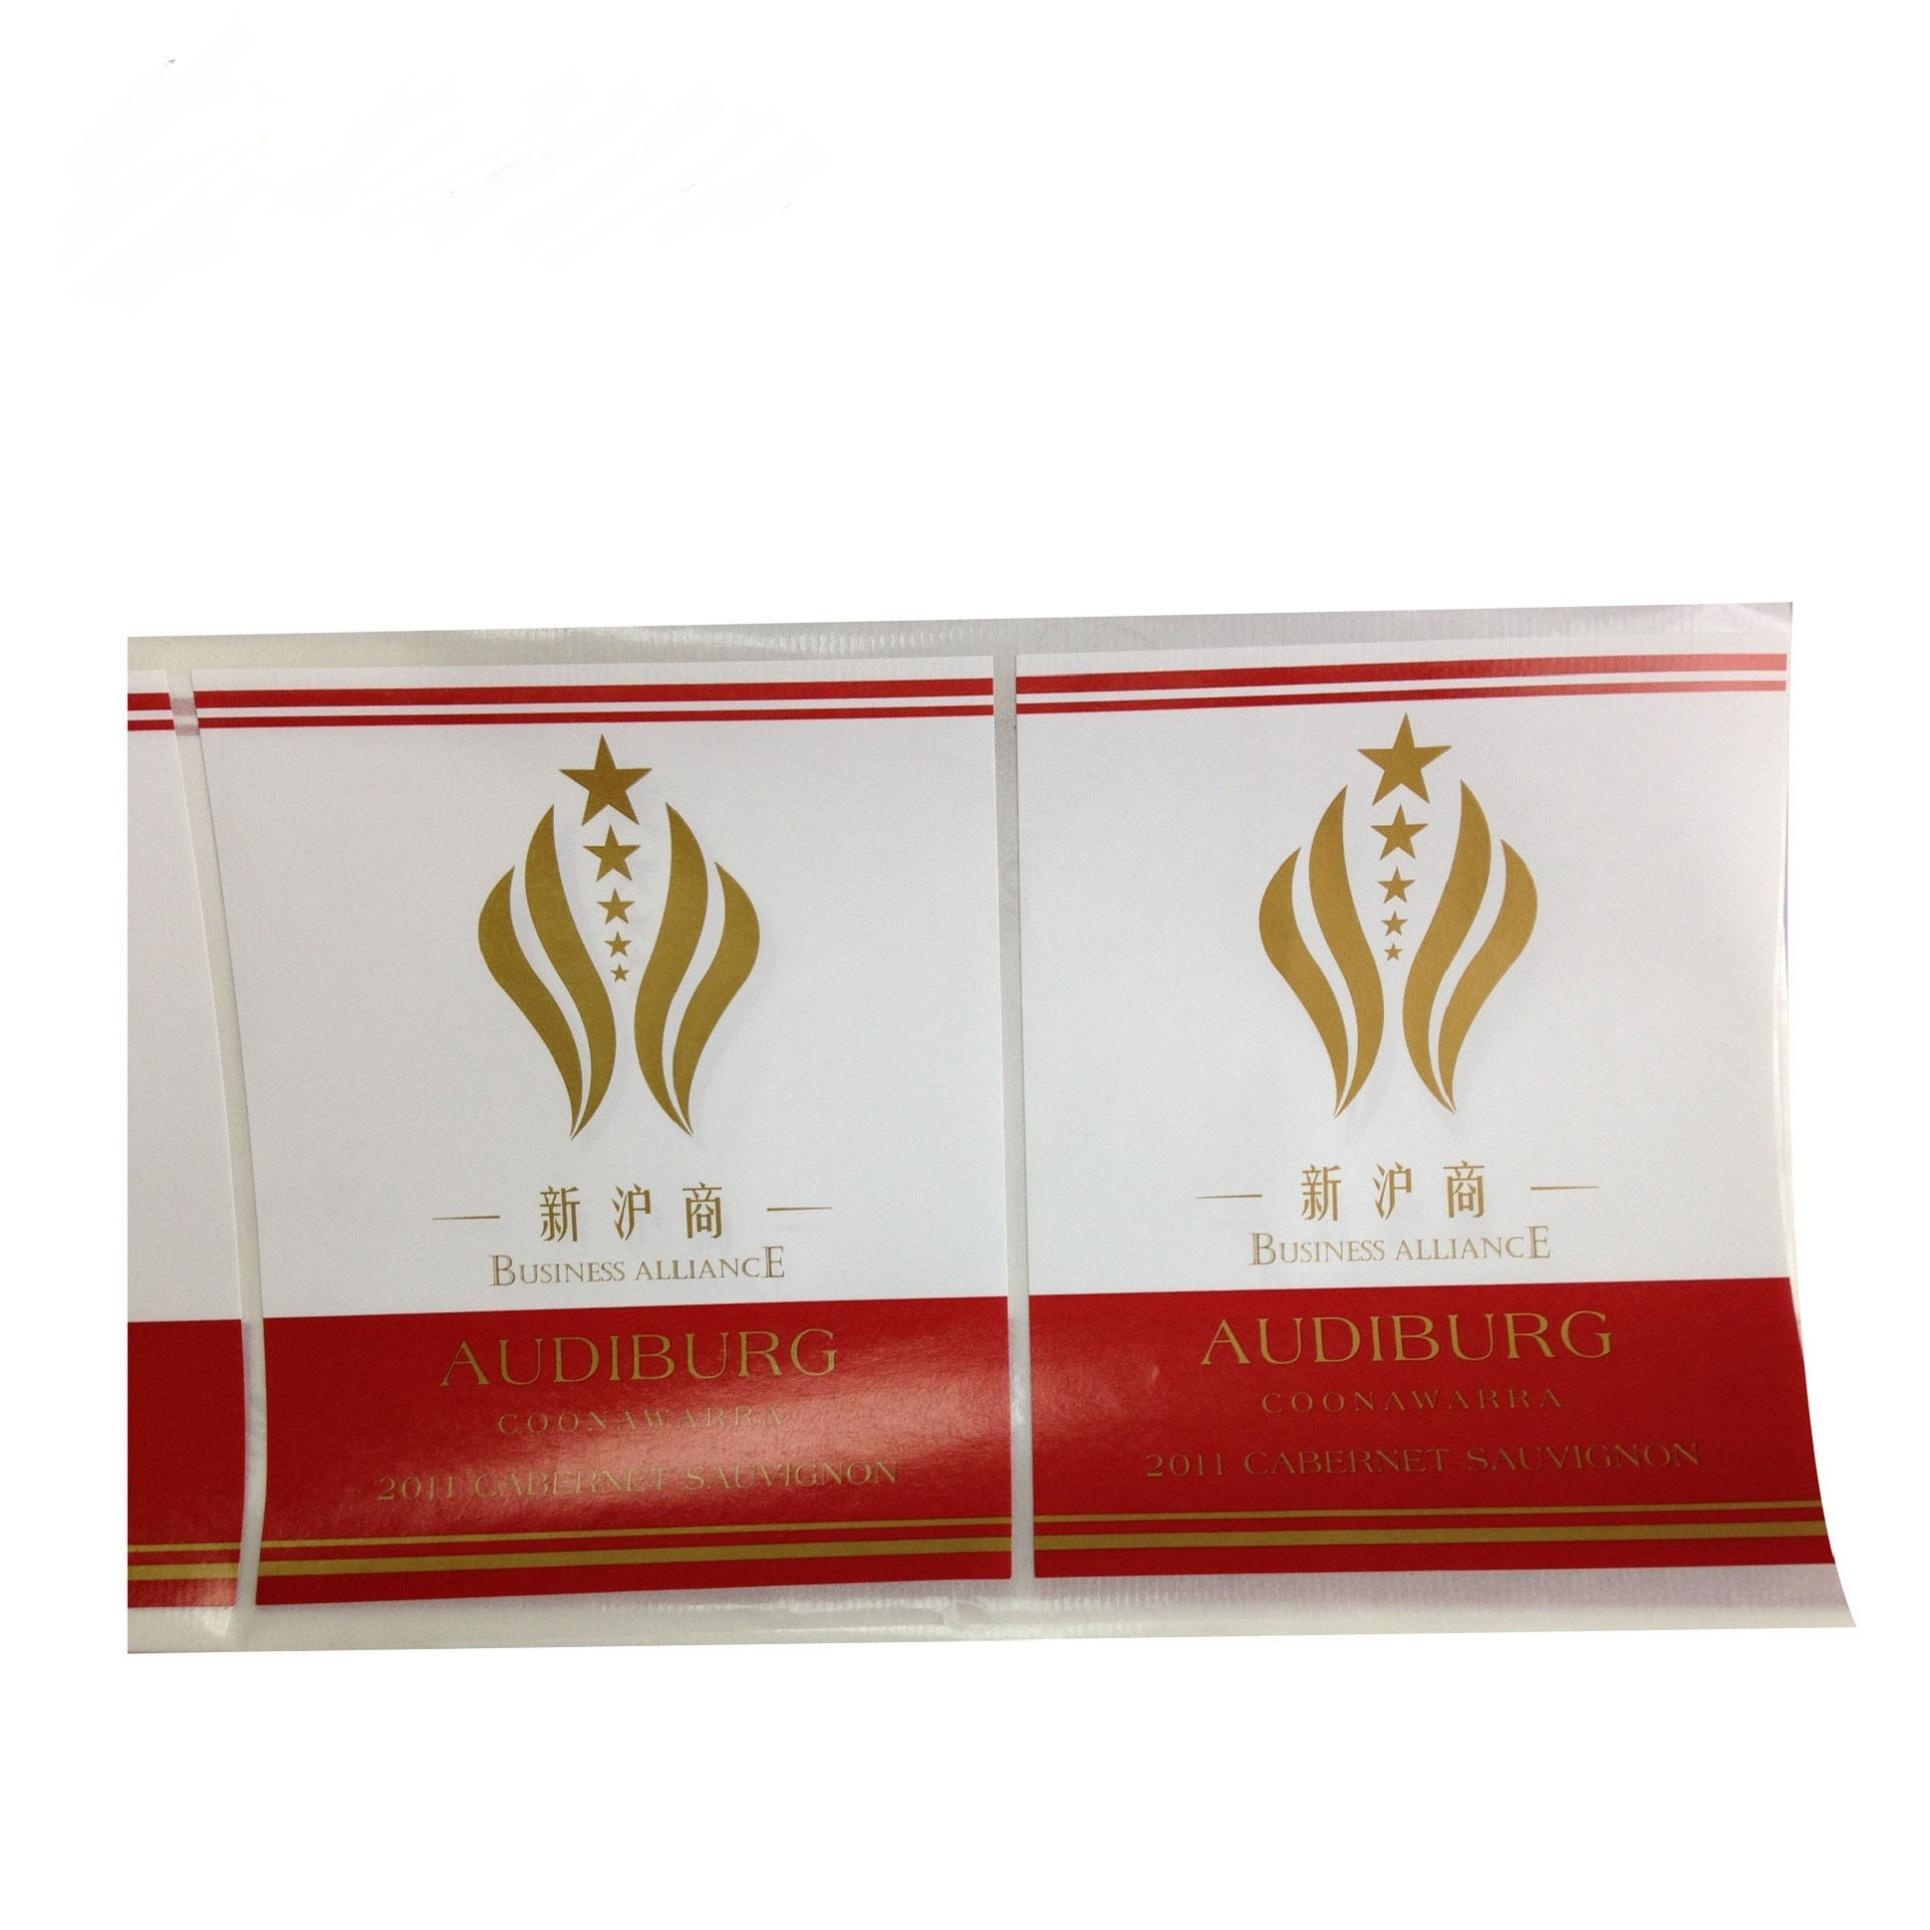 die couleur personnalisée pleine coupe d'or d'impression imperméable argent timbre feuille foild timbre étiquettes autocollantes en vinyle adhésif